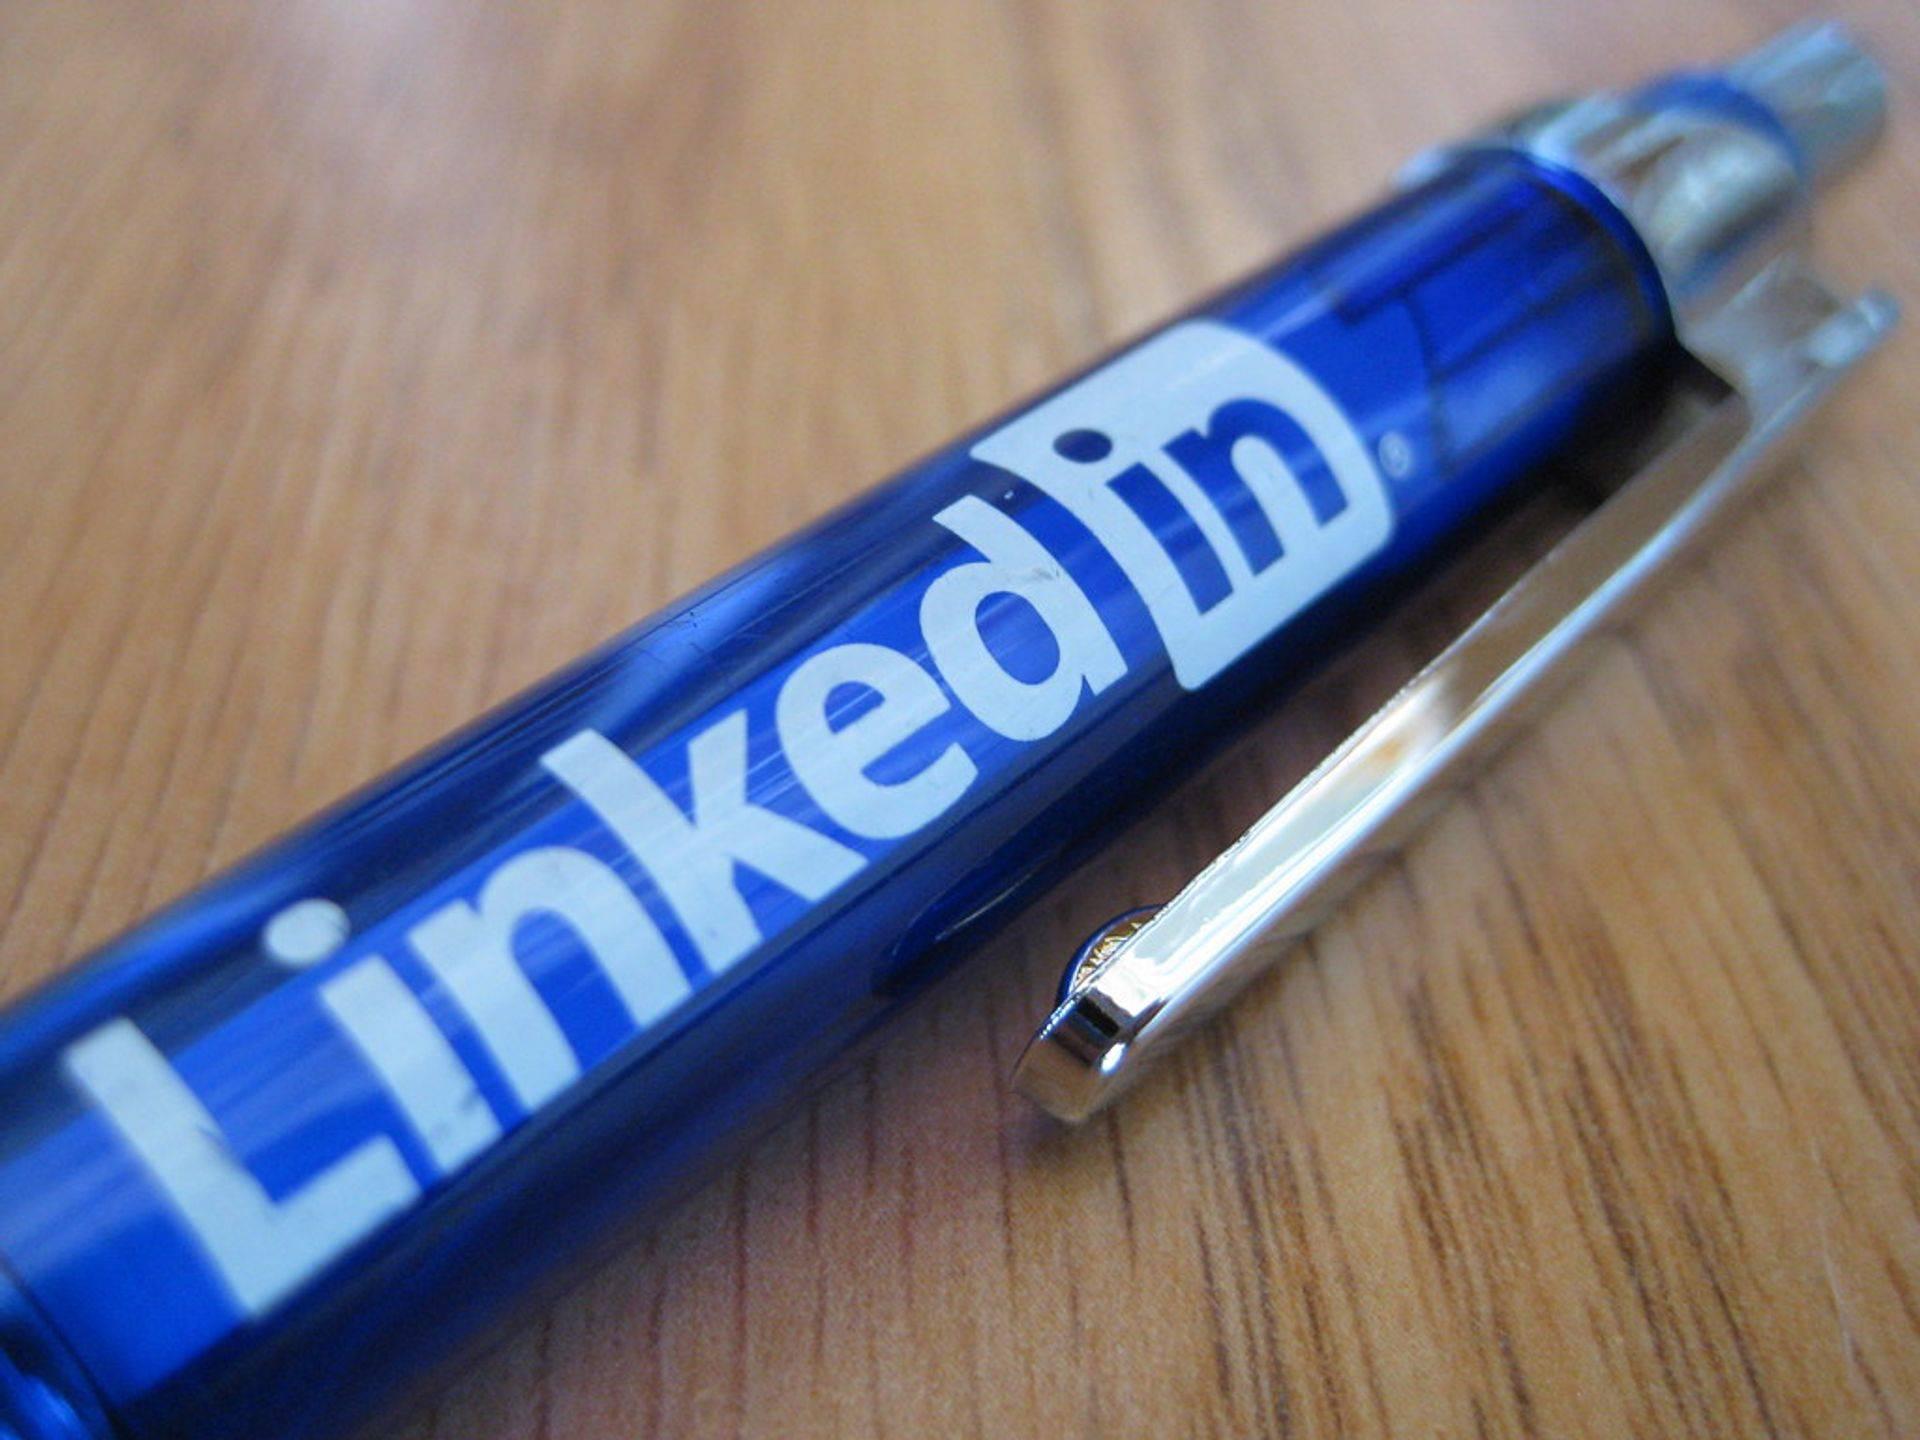 Kulepenner med logo